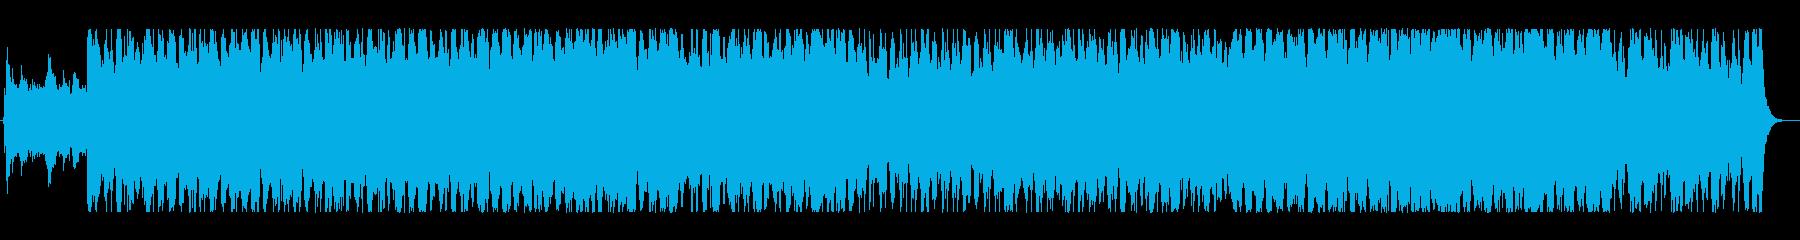 ダークな感じのケルトオーケストラの再生済みの波形